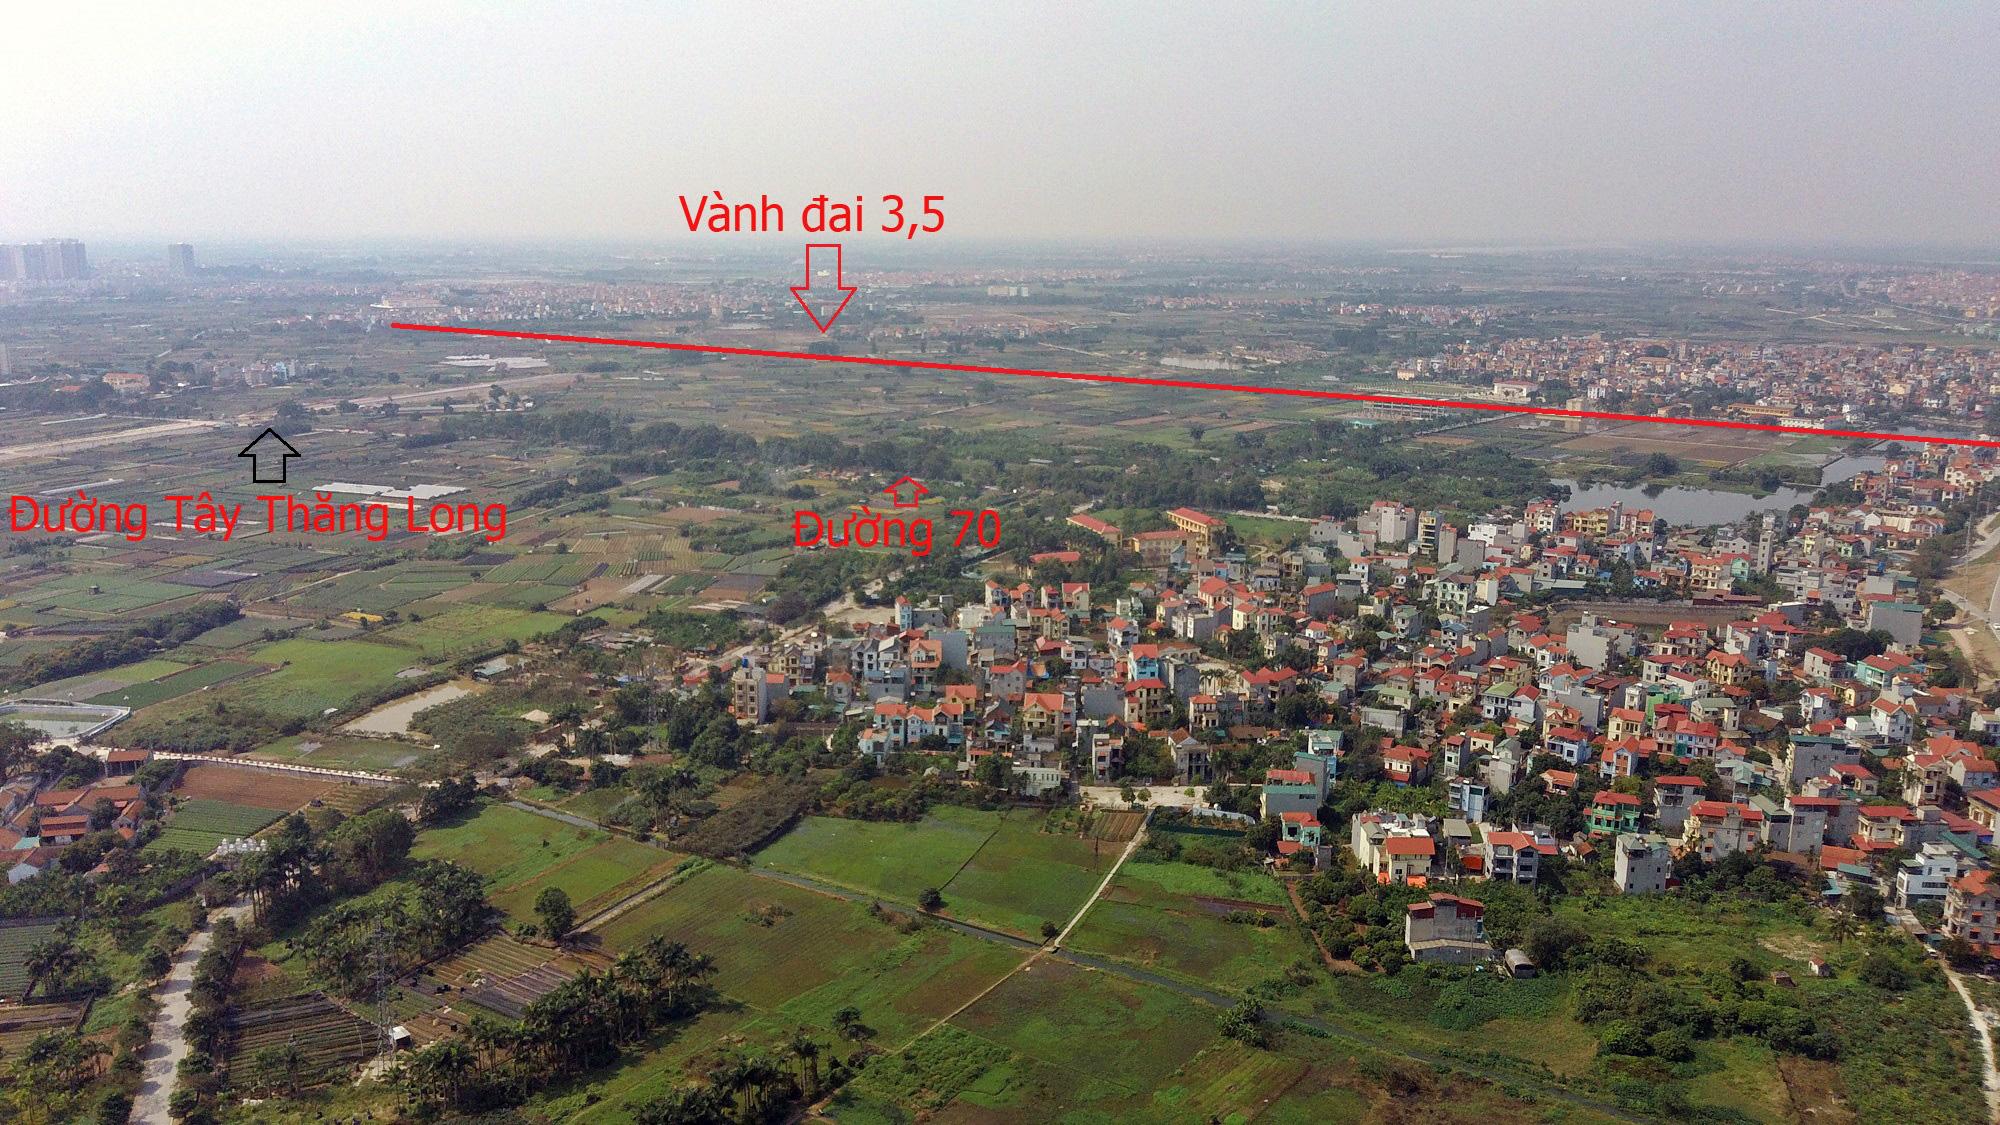 Cầu sẽ mở theo qui hoạch ở Hà Nội: Toàn cảnh cầu Thượng Cát nối Bắc Từ Liêm với Đông Anh - Ảnh 7.